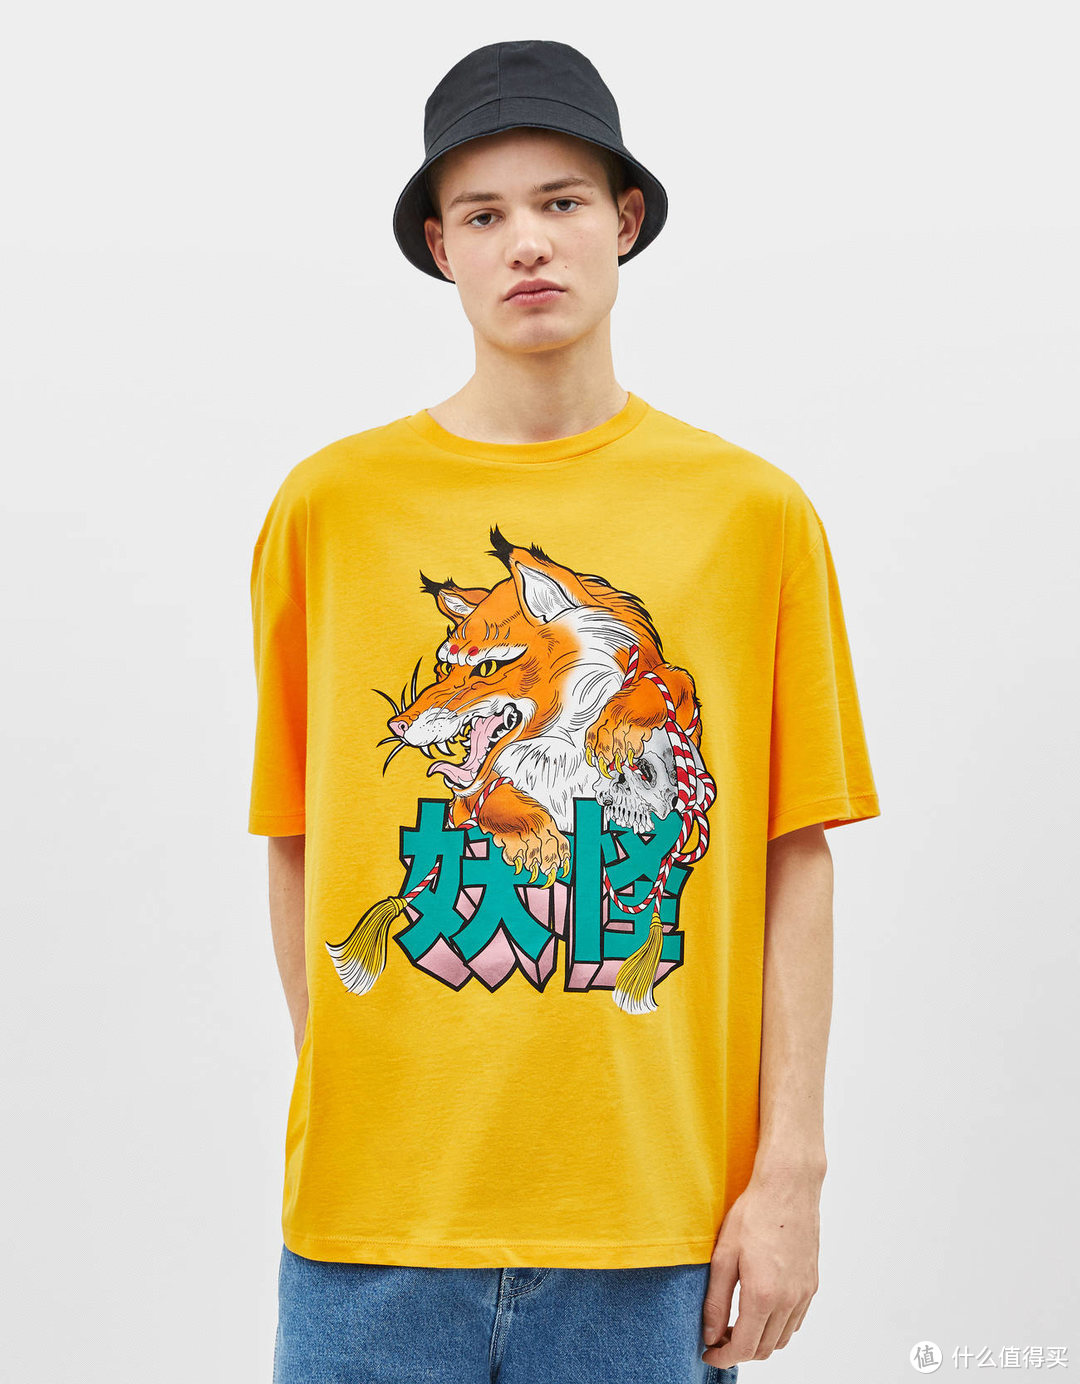 拒绝满大街撞衫!这些小众T恤便宜好看还有腔调(含男装、女装、情侣装)